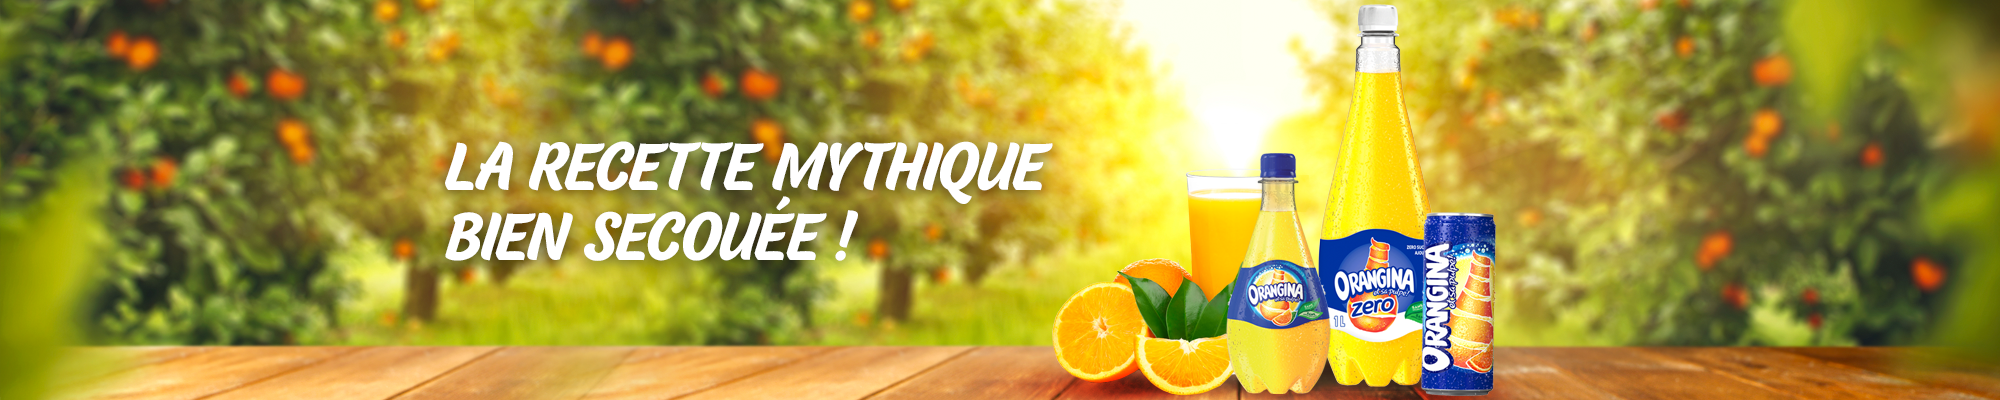 Orangina boisson gazeuse au goût orange unique. Livraison à domicile.